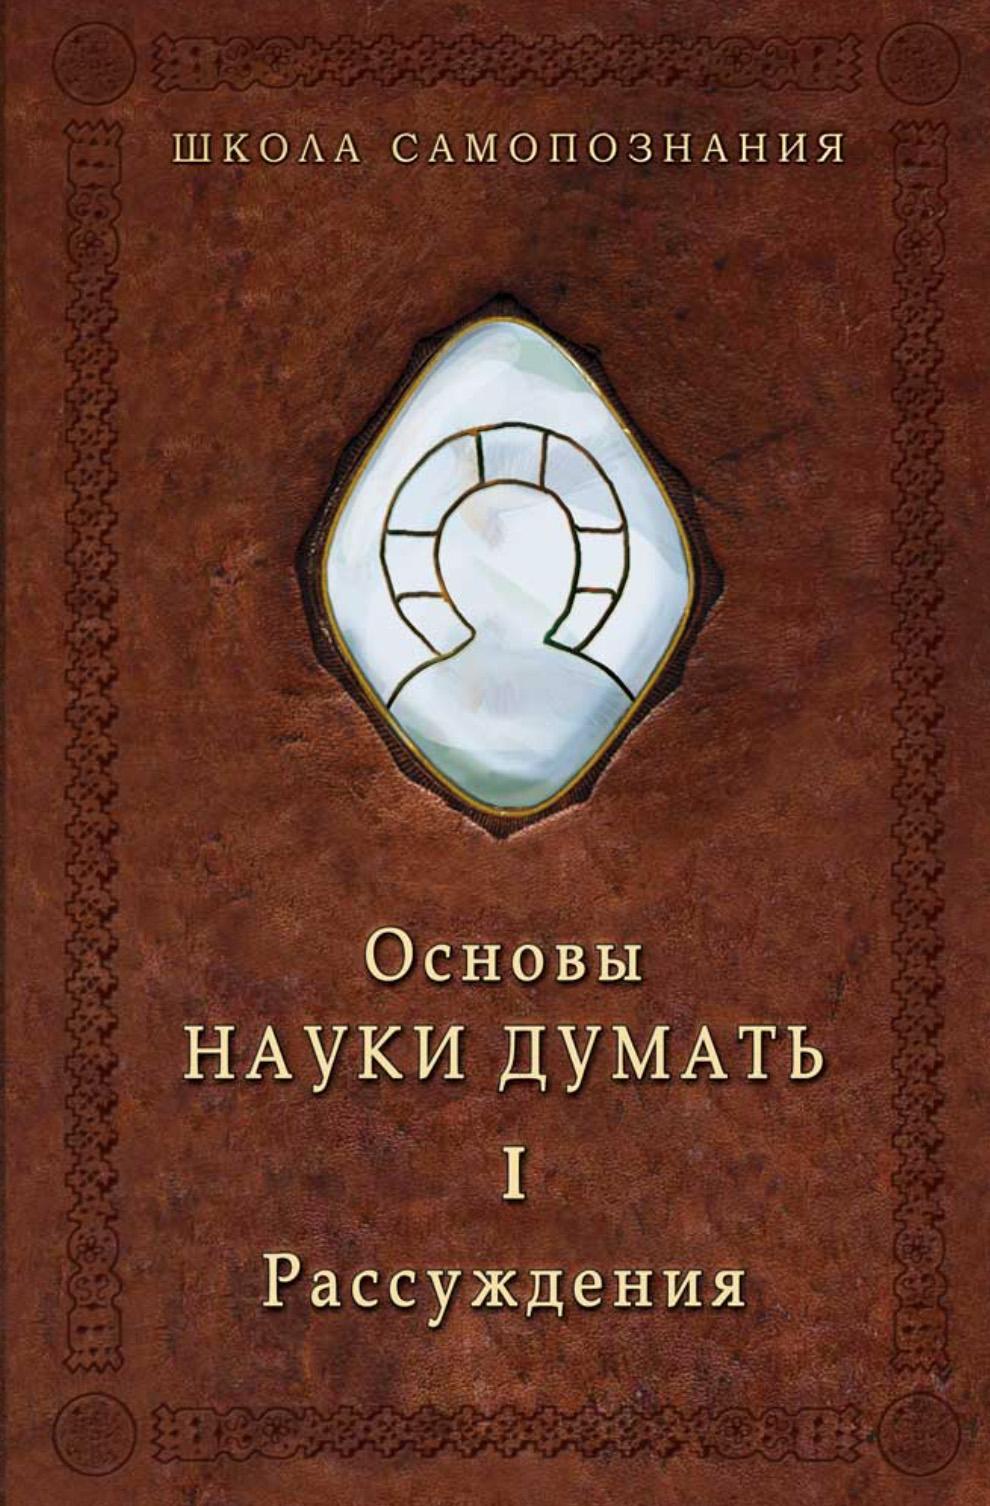 Александр Шевцов (Андреев) Основы Науки думать. Книга 1. Рассуждения